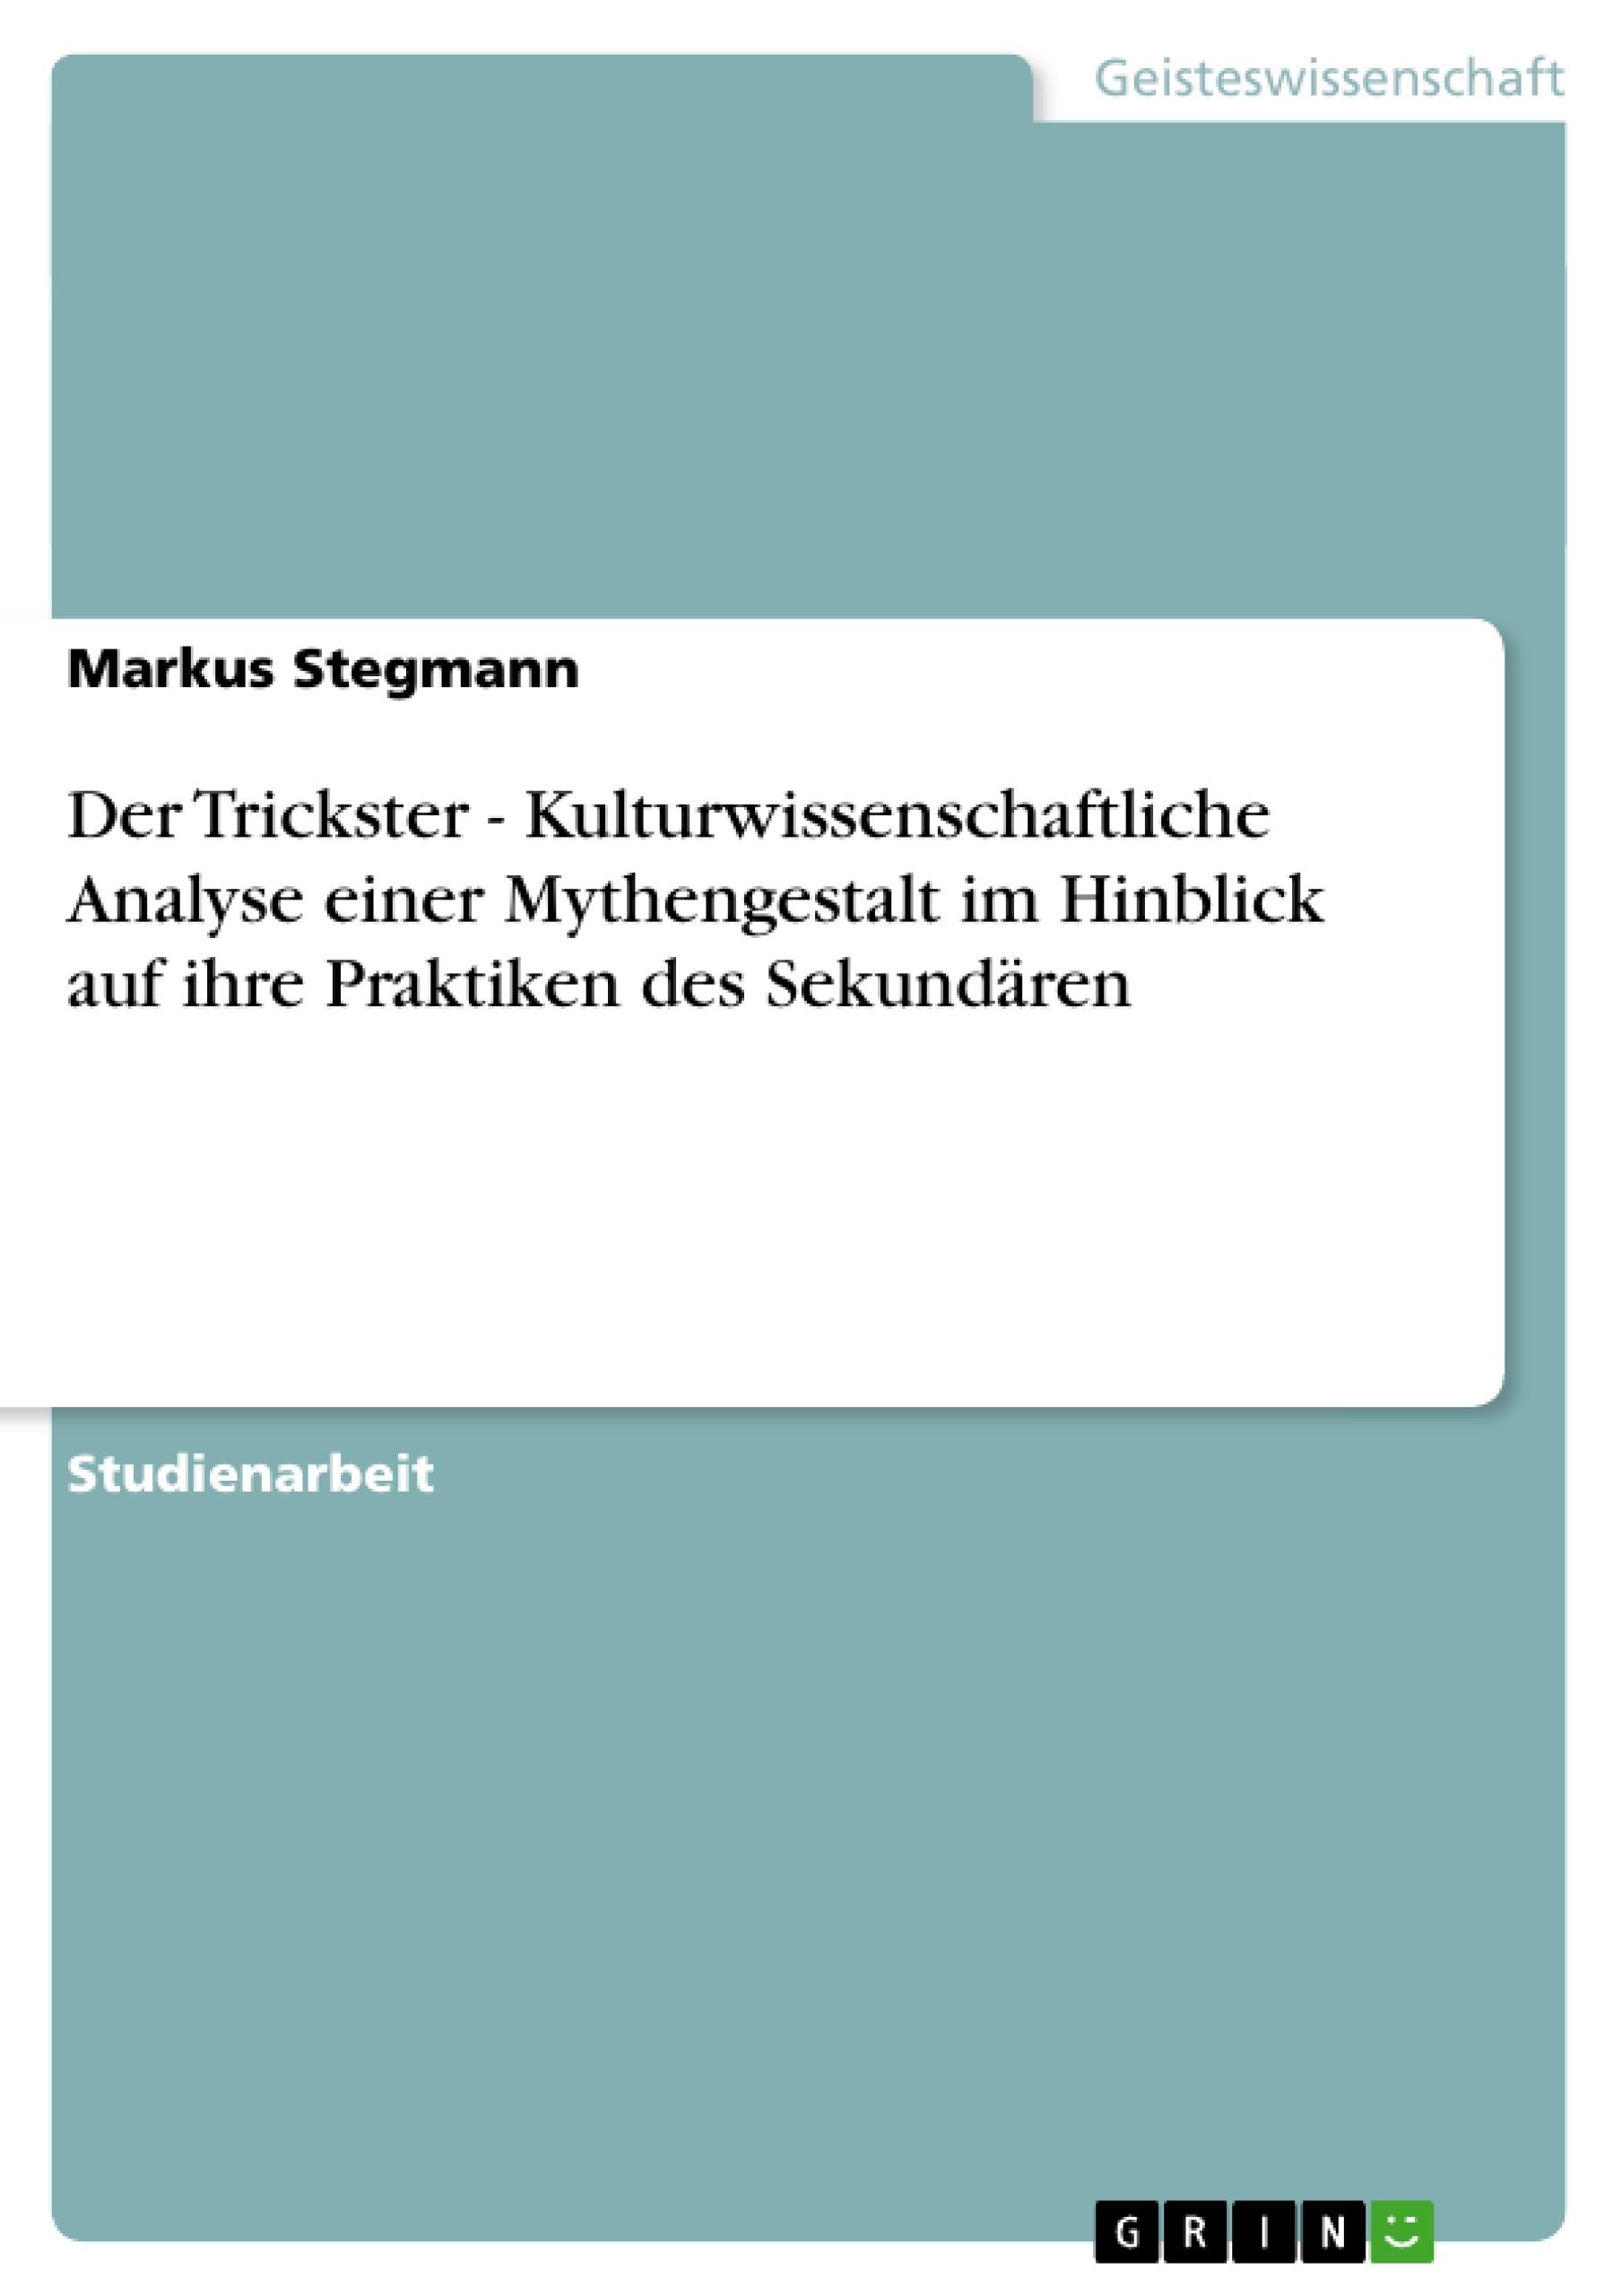 Titel: Der Trickster - Kulturwissenschaftliche Analyse einer Mythengestalt im Hinblick auf ihre Praktiken des Sekundären